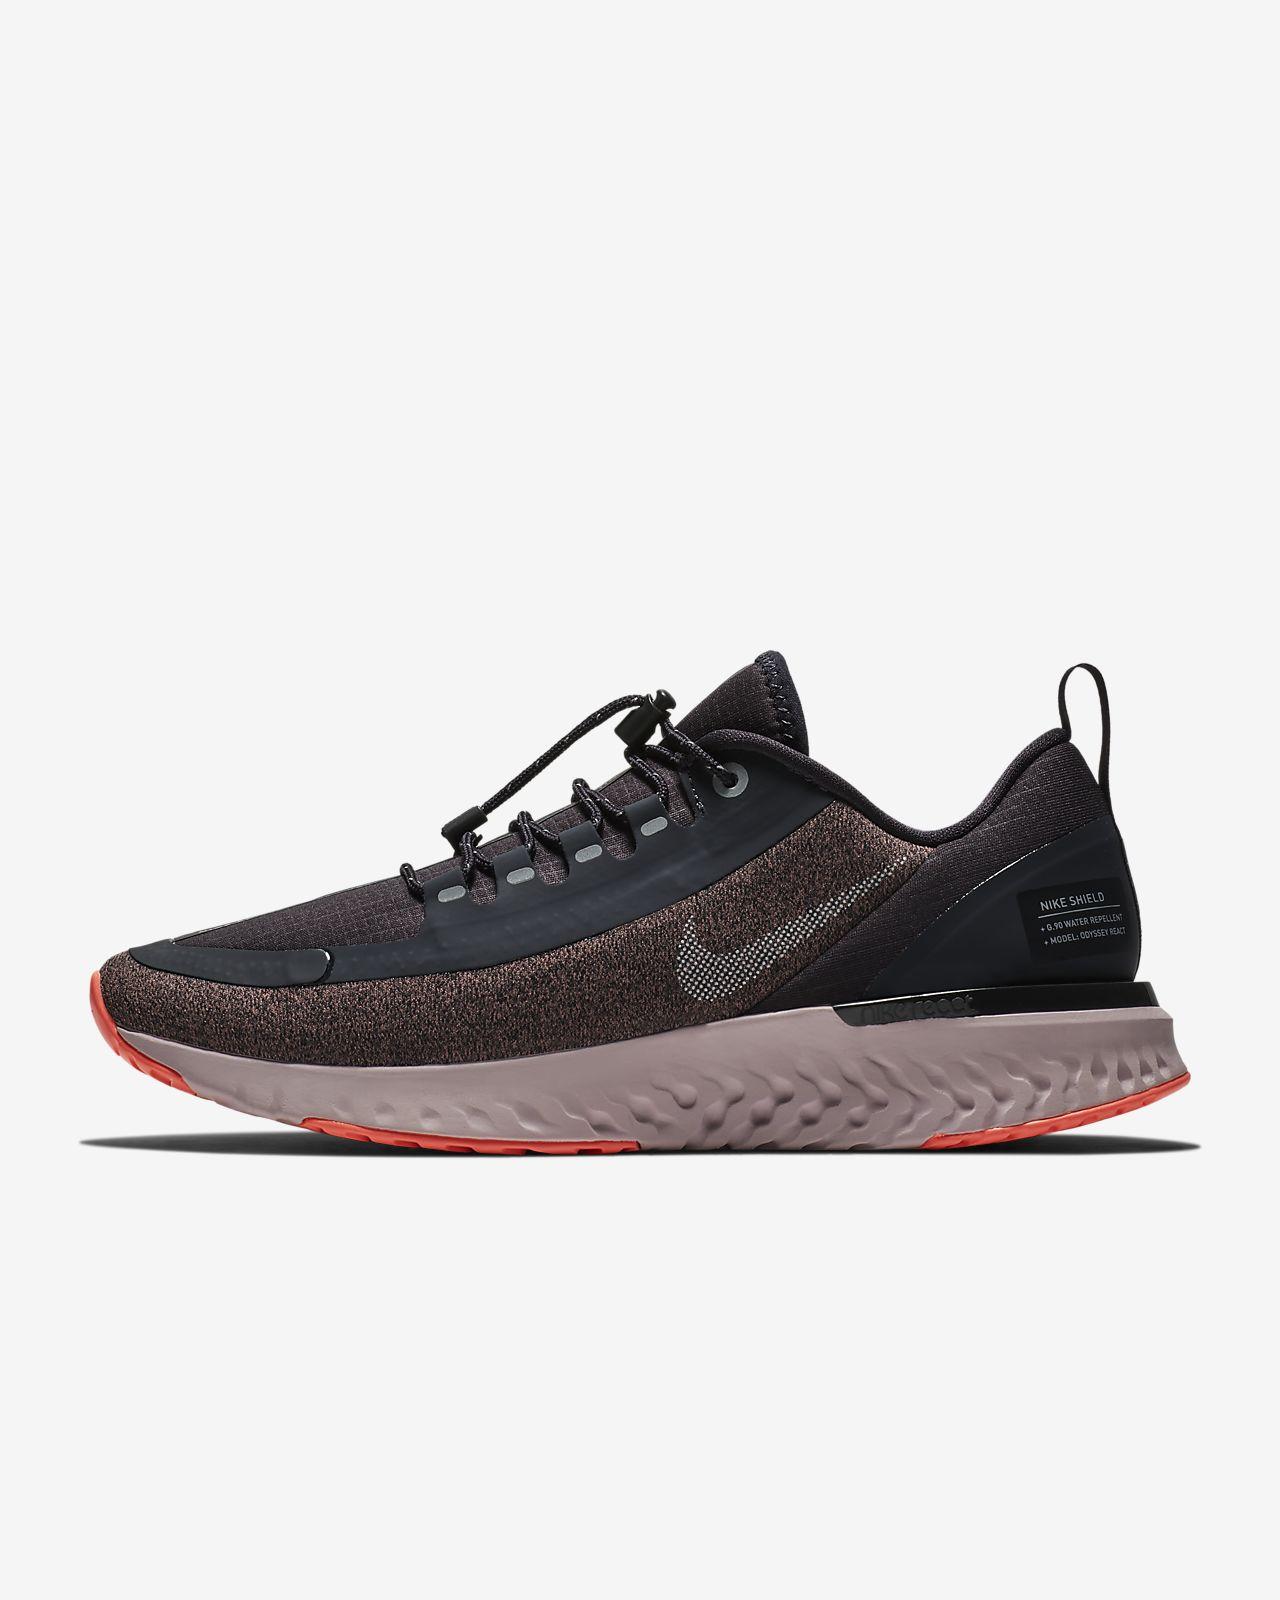 wholesale dealer 81b81 43263 ... Löparsko Nike Odyssey React Shield Water-Repellent för kvinnor